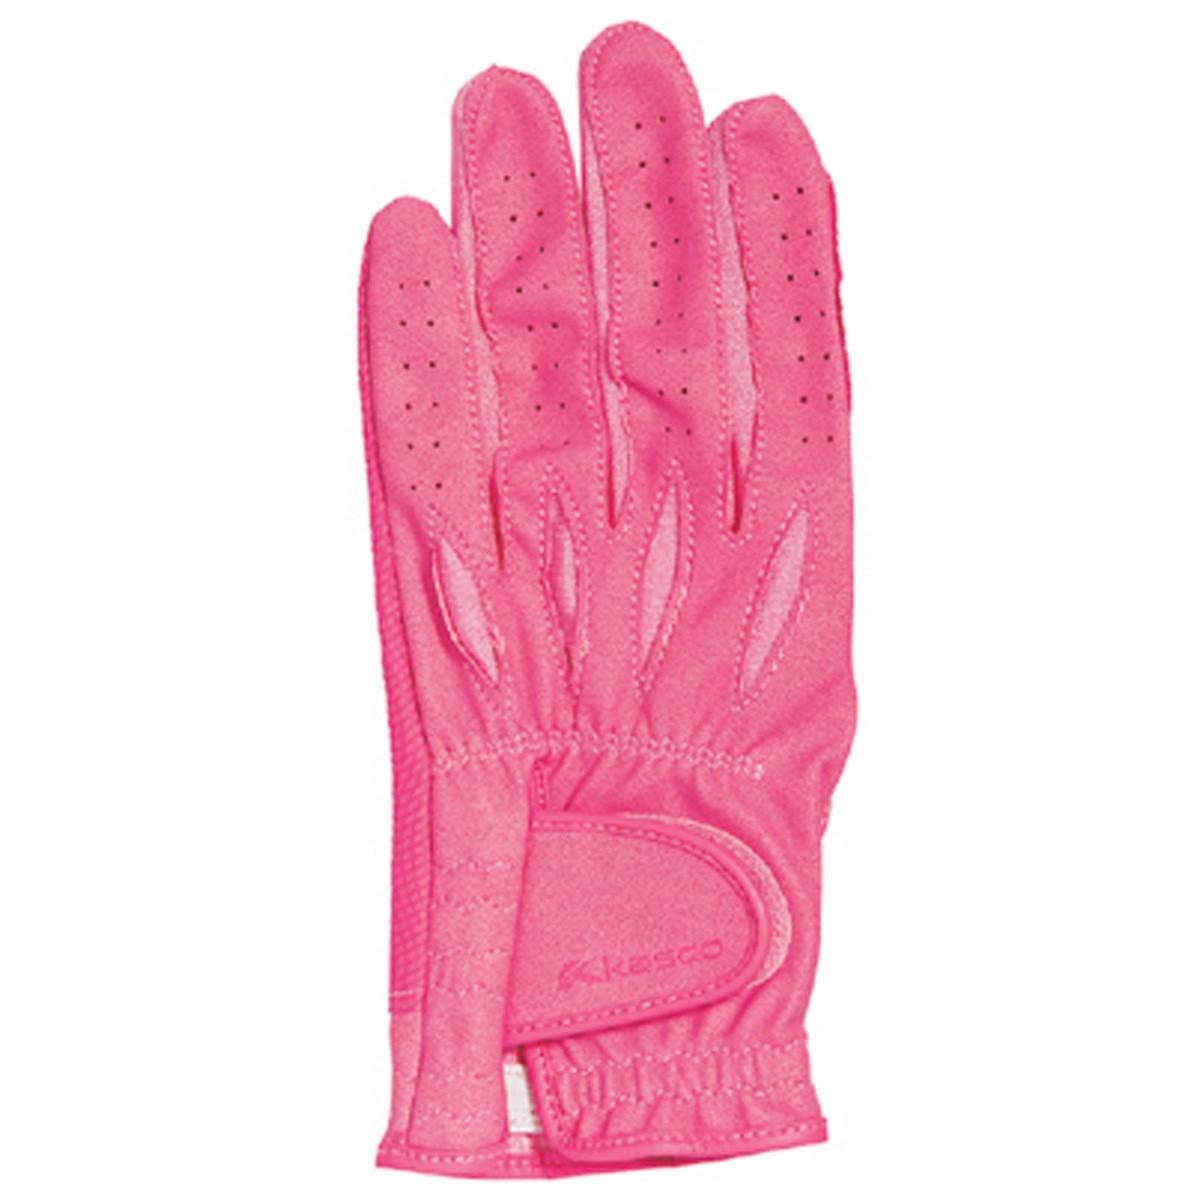 キャスコ KASCO パレットグローブ S 左手着用(右利き用) ピンク